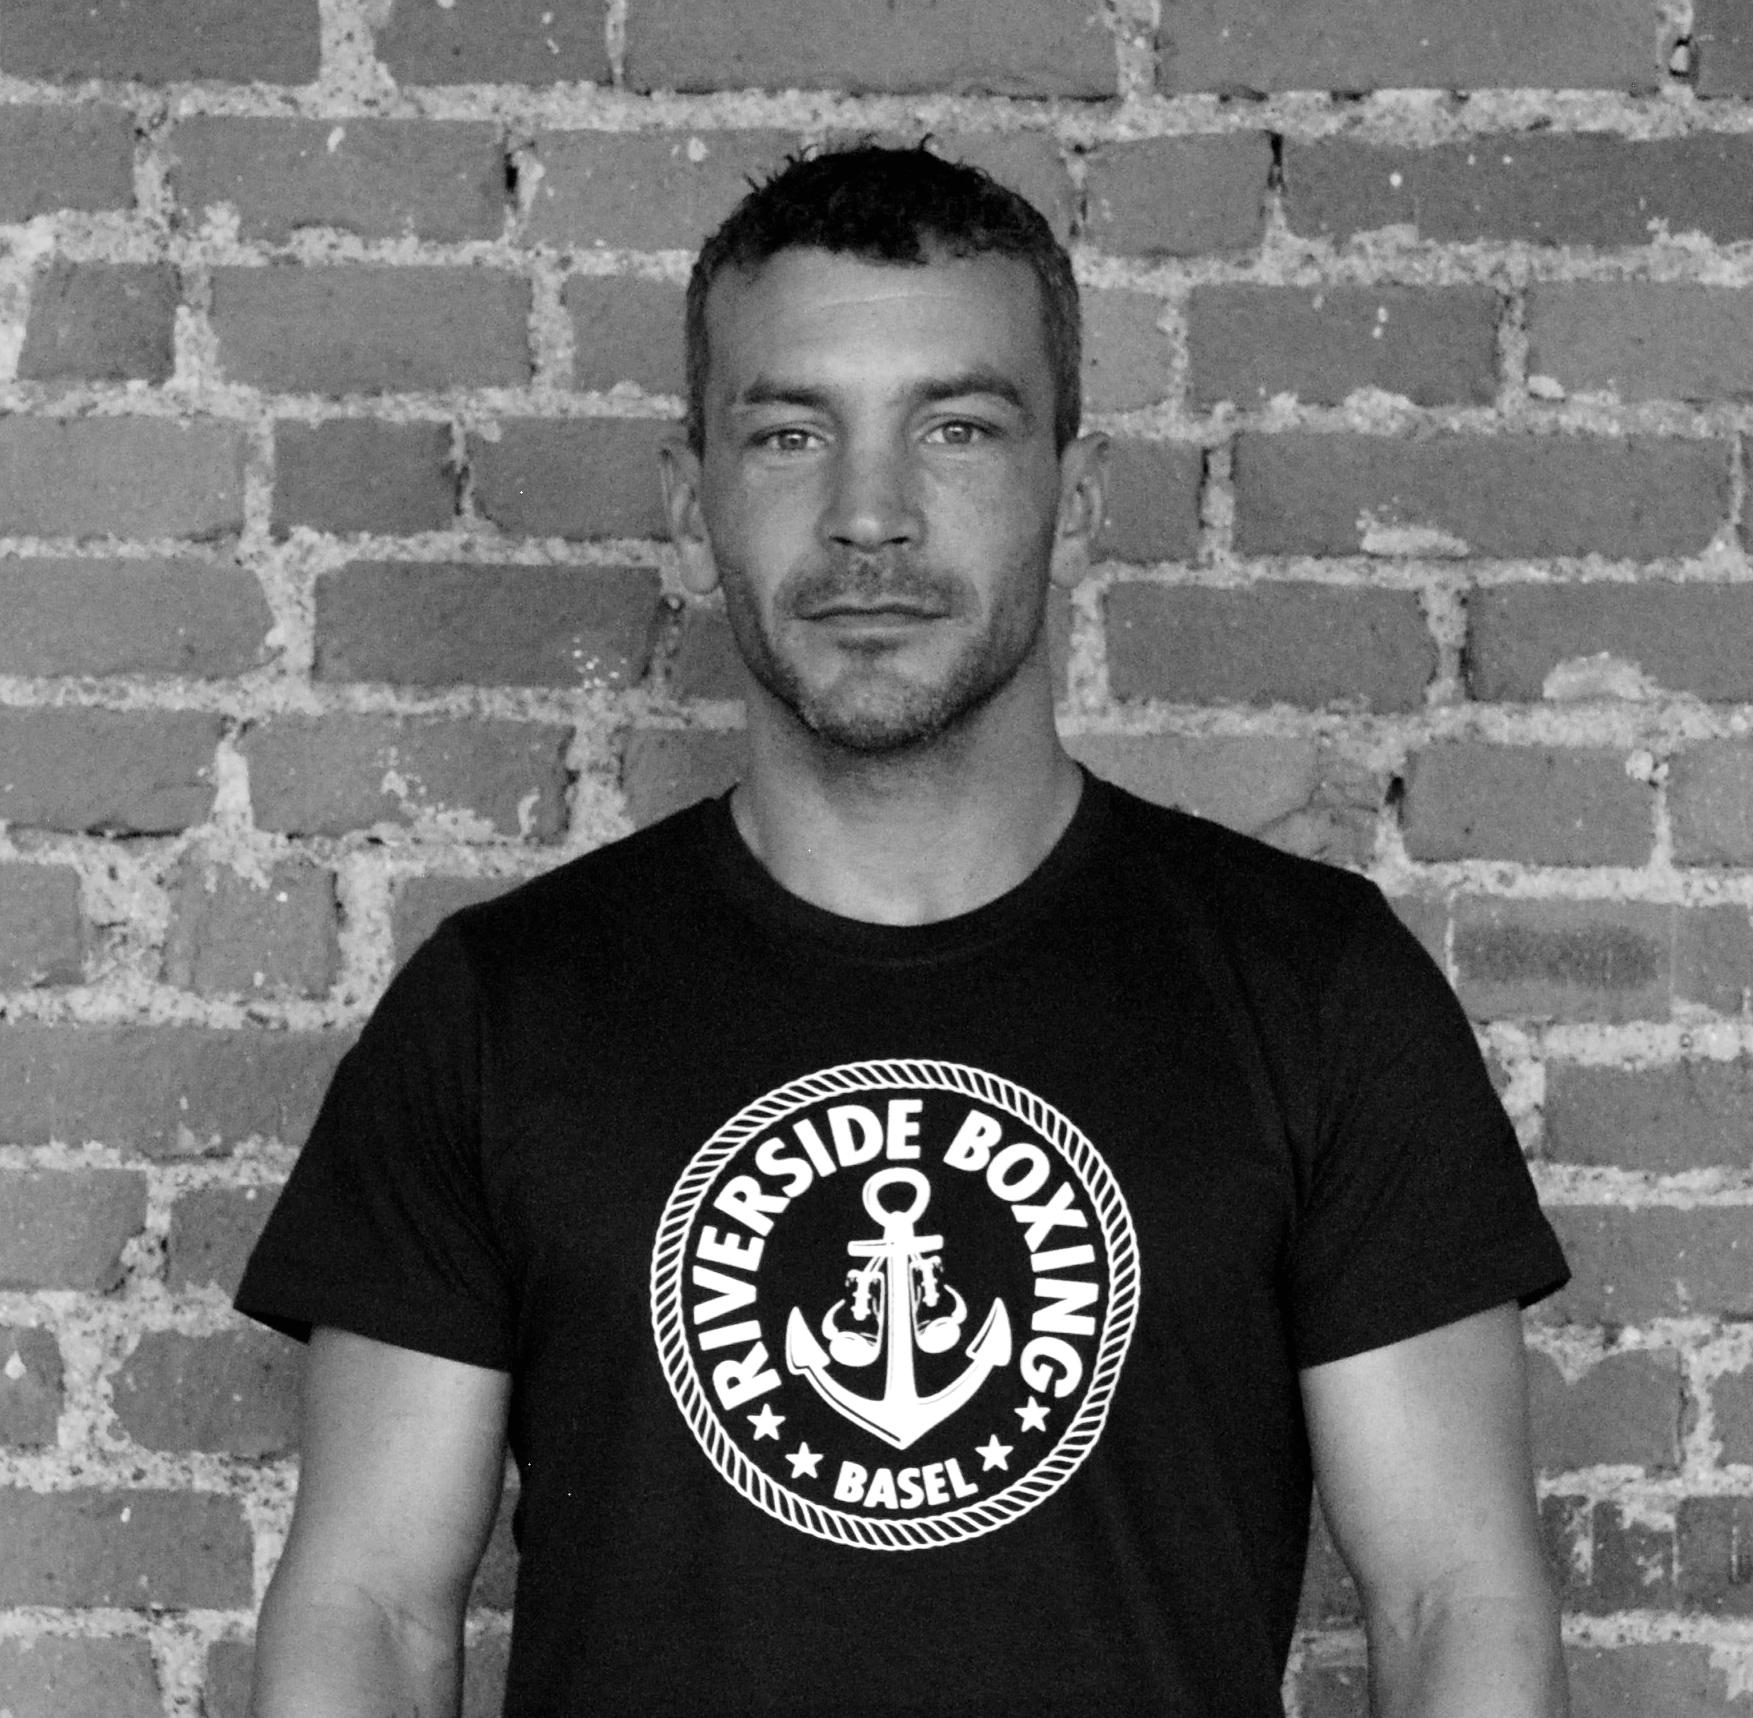 David Rykart   Head Coach    Gründungsmitglied    Ehemaliger Berufsboxer in Europa und Asien    Trainer Boxen und Thaiboxen    Dipl. Swissboxing Wettkampftrainer    Dipl. Swissboxing Jugend- und Fitnesstrainer